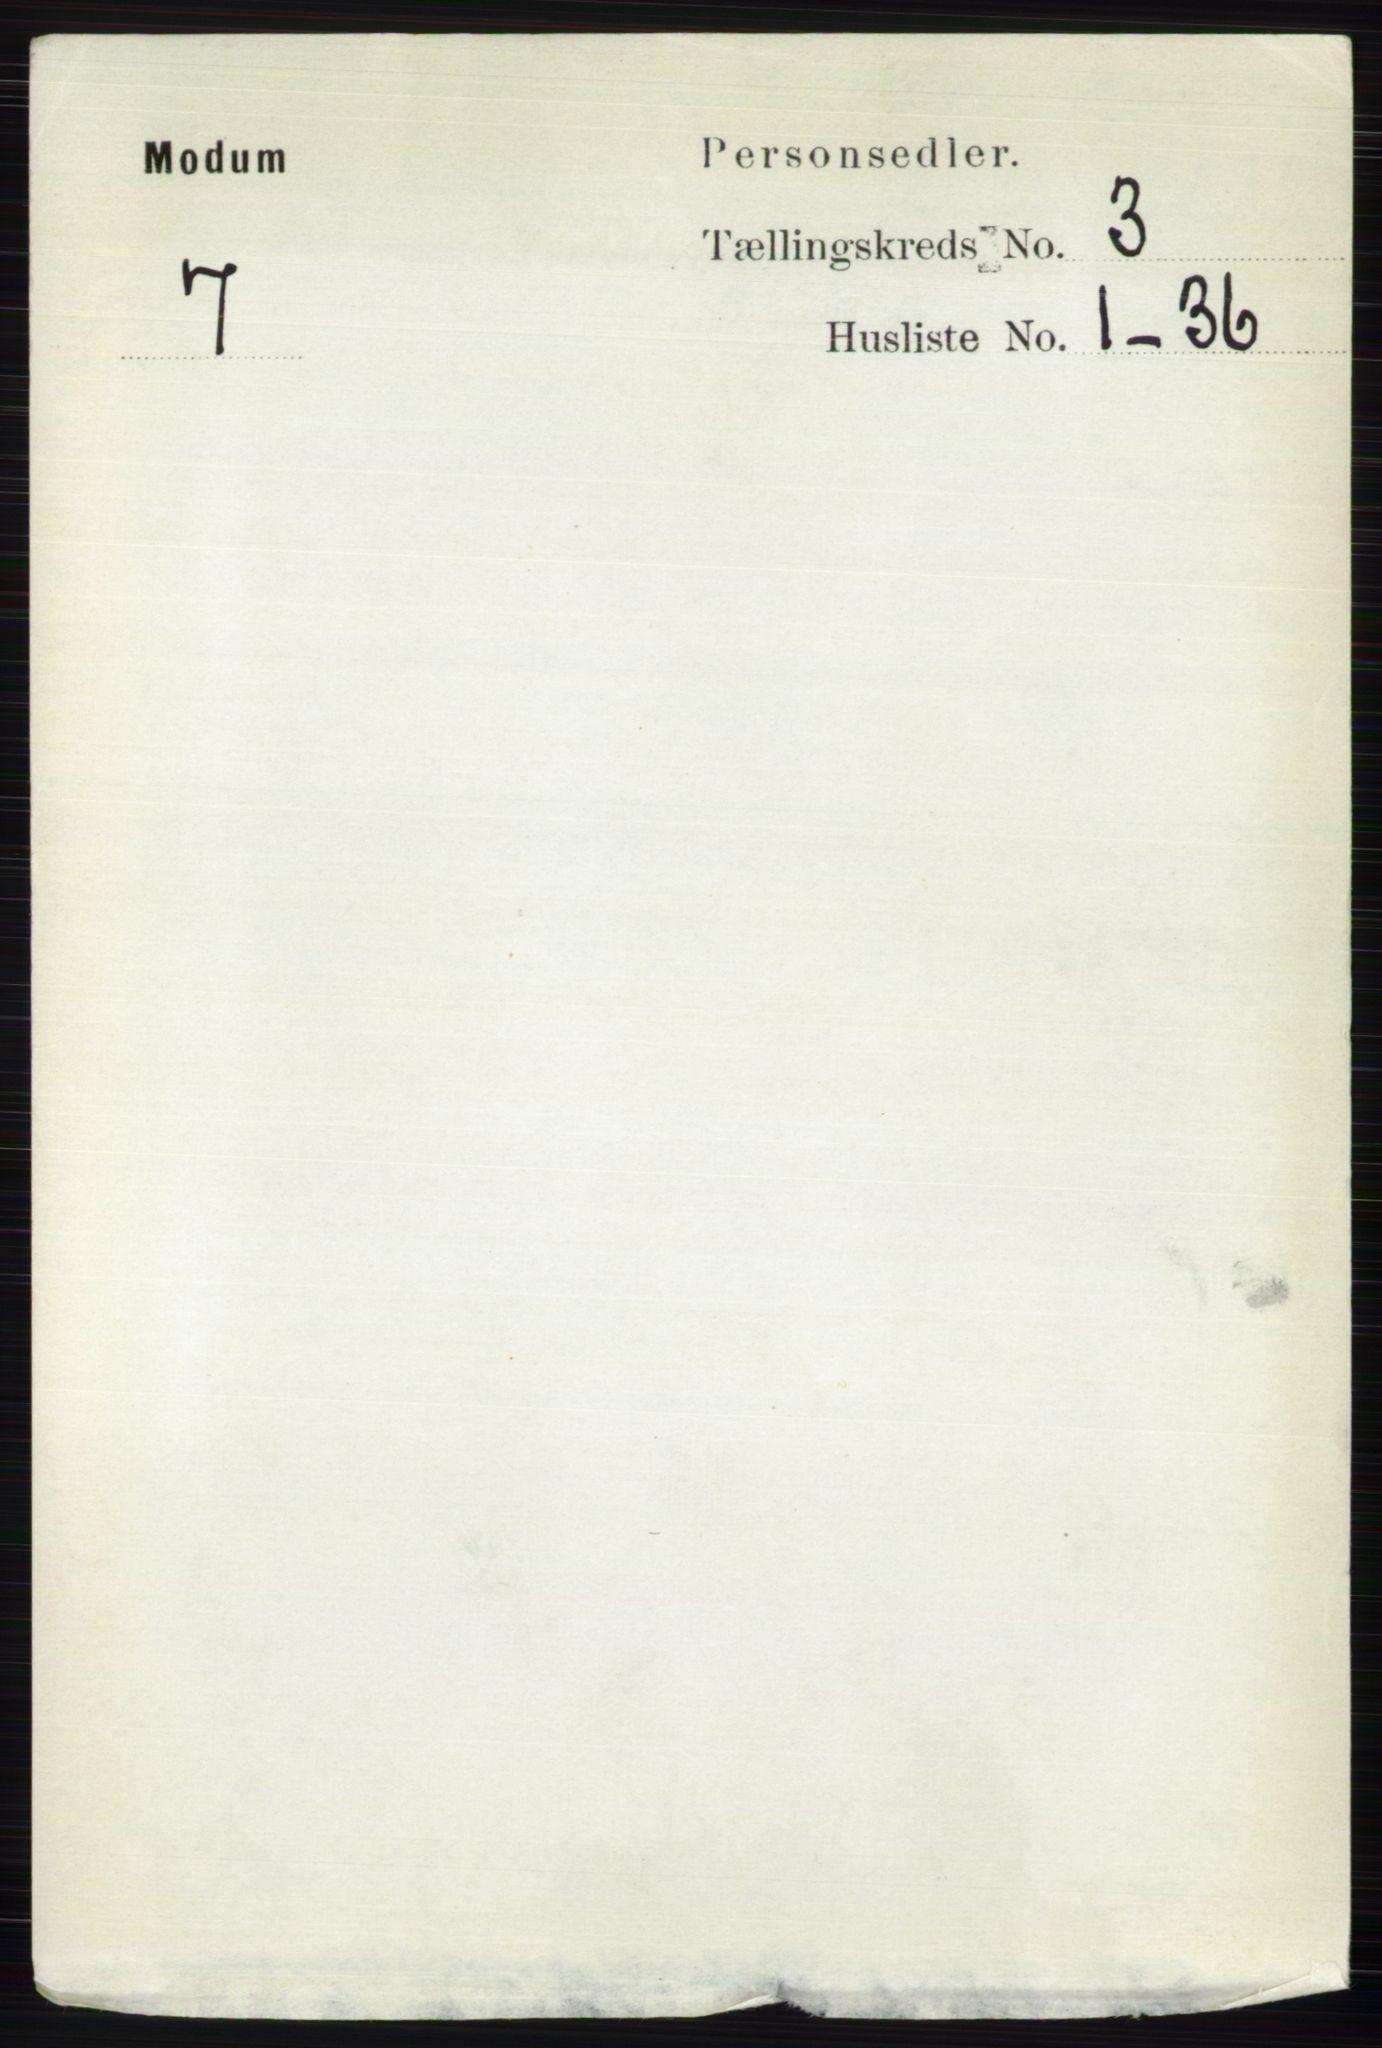 RA, Folketelling 1891 for 0623 Modum herred, 1891, s. 719